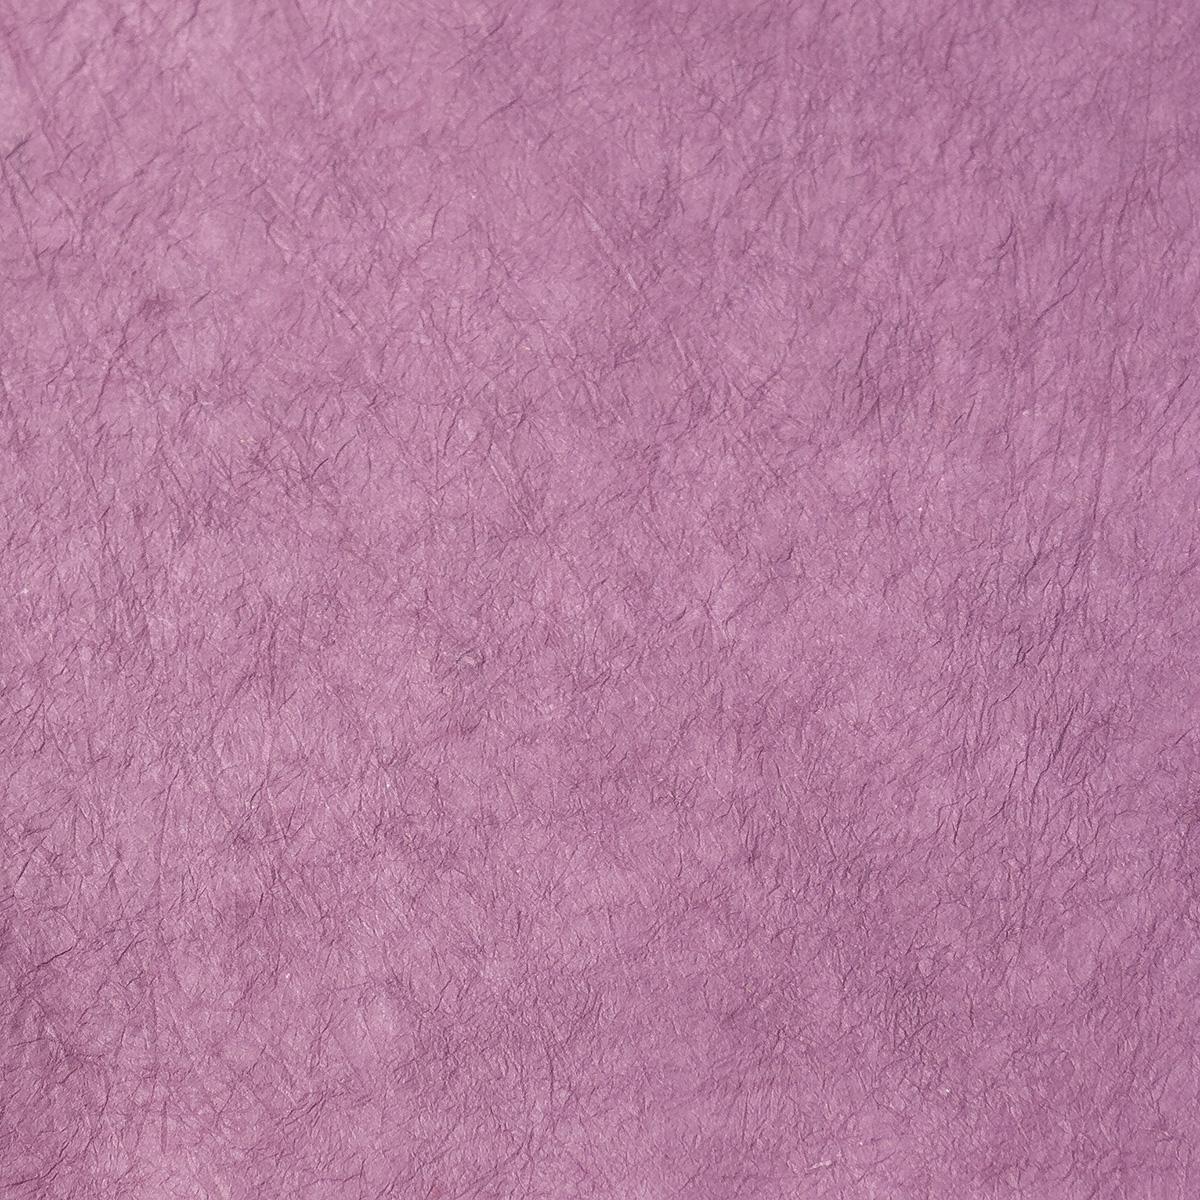 王朝のそめいろ 薄口 7番 中滅紫